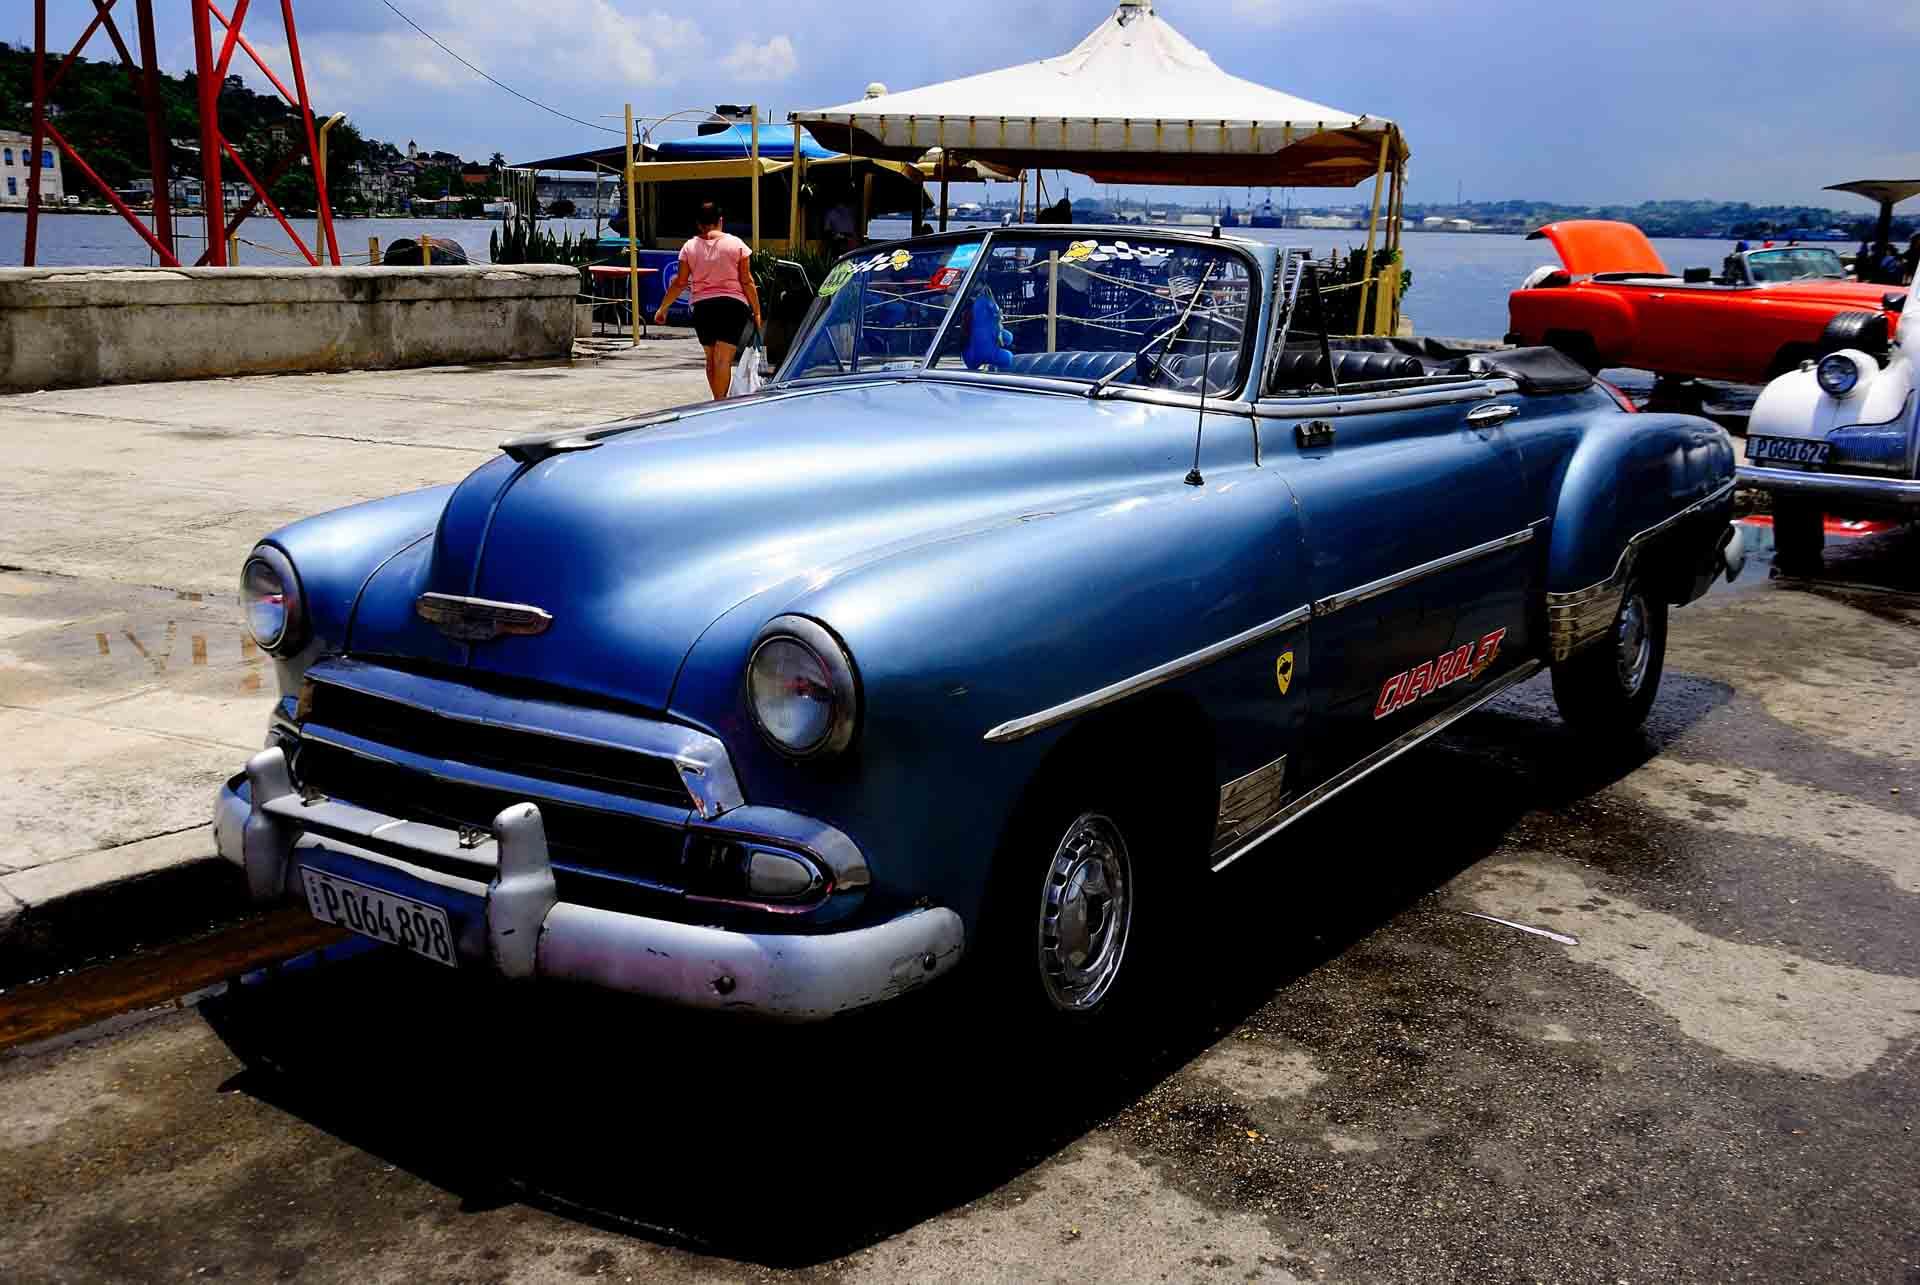 Havana Cuba Vintage Car 7, havana, cuba, pescart, photo blog, travel blog, blog, photo travel blog, enrico pescantini, pescantini